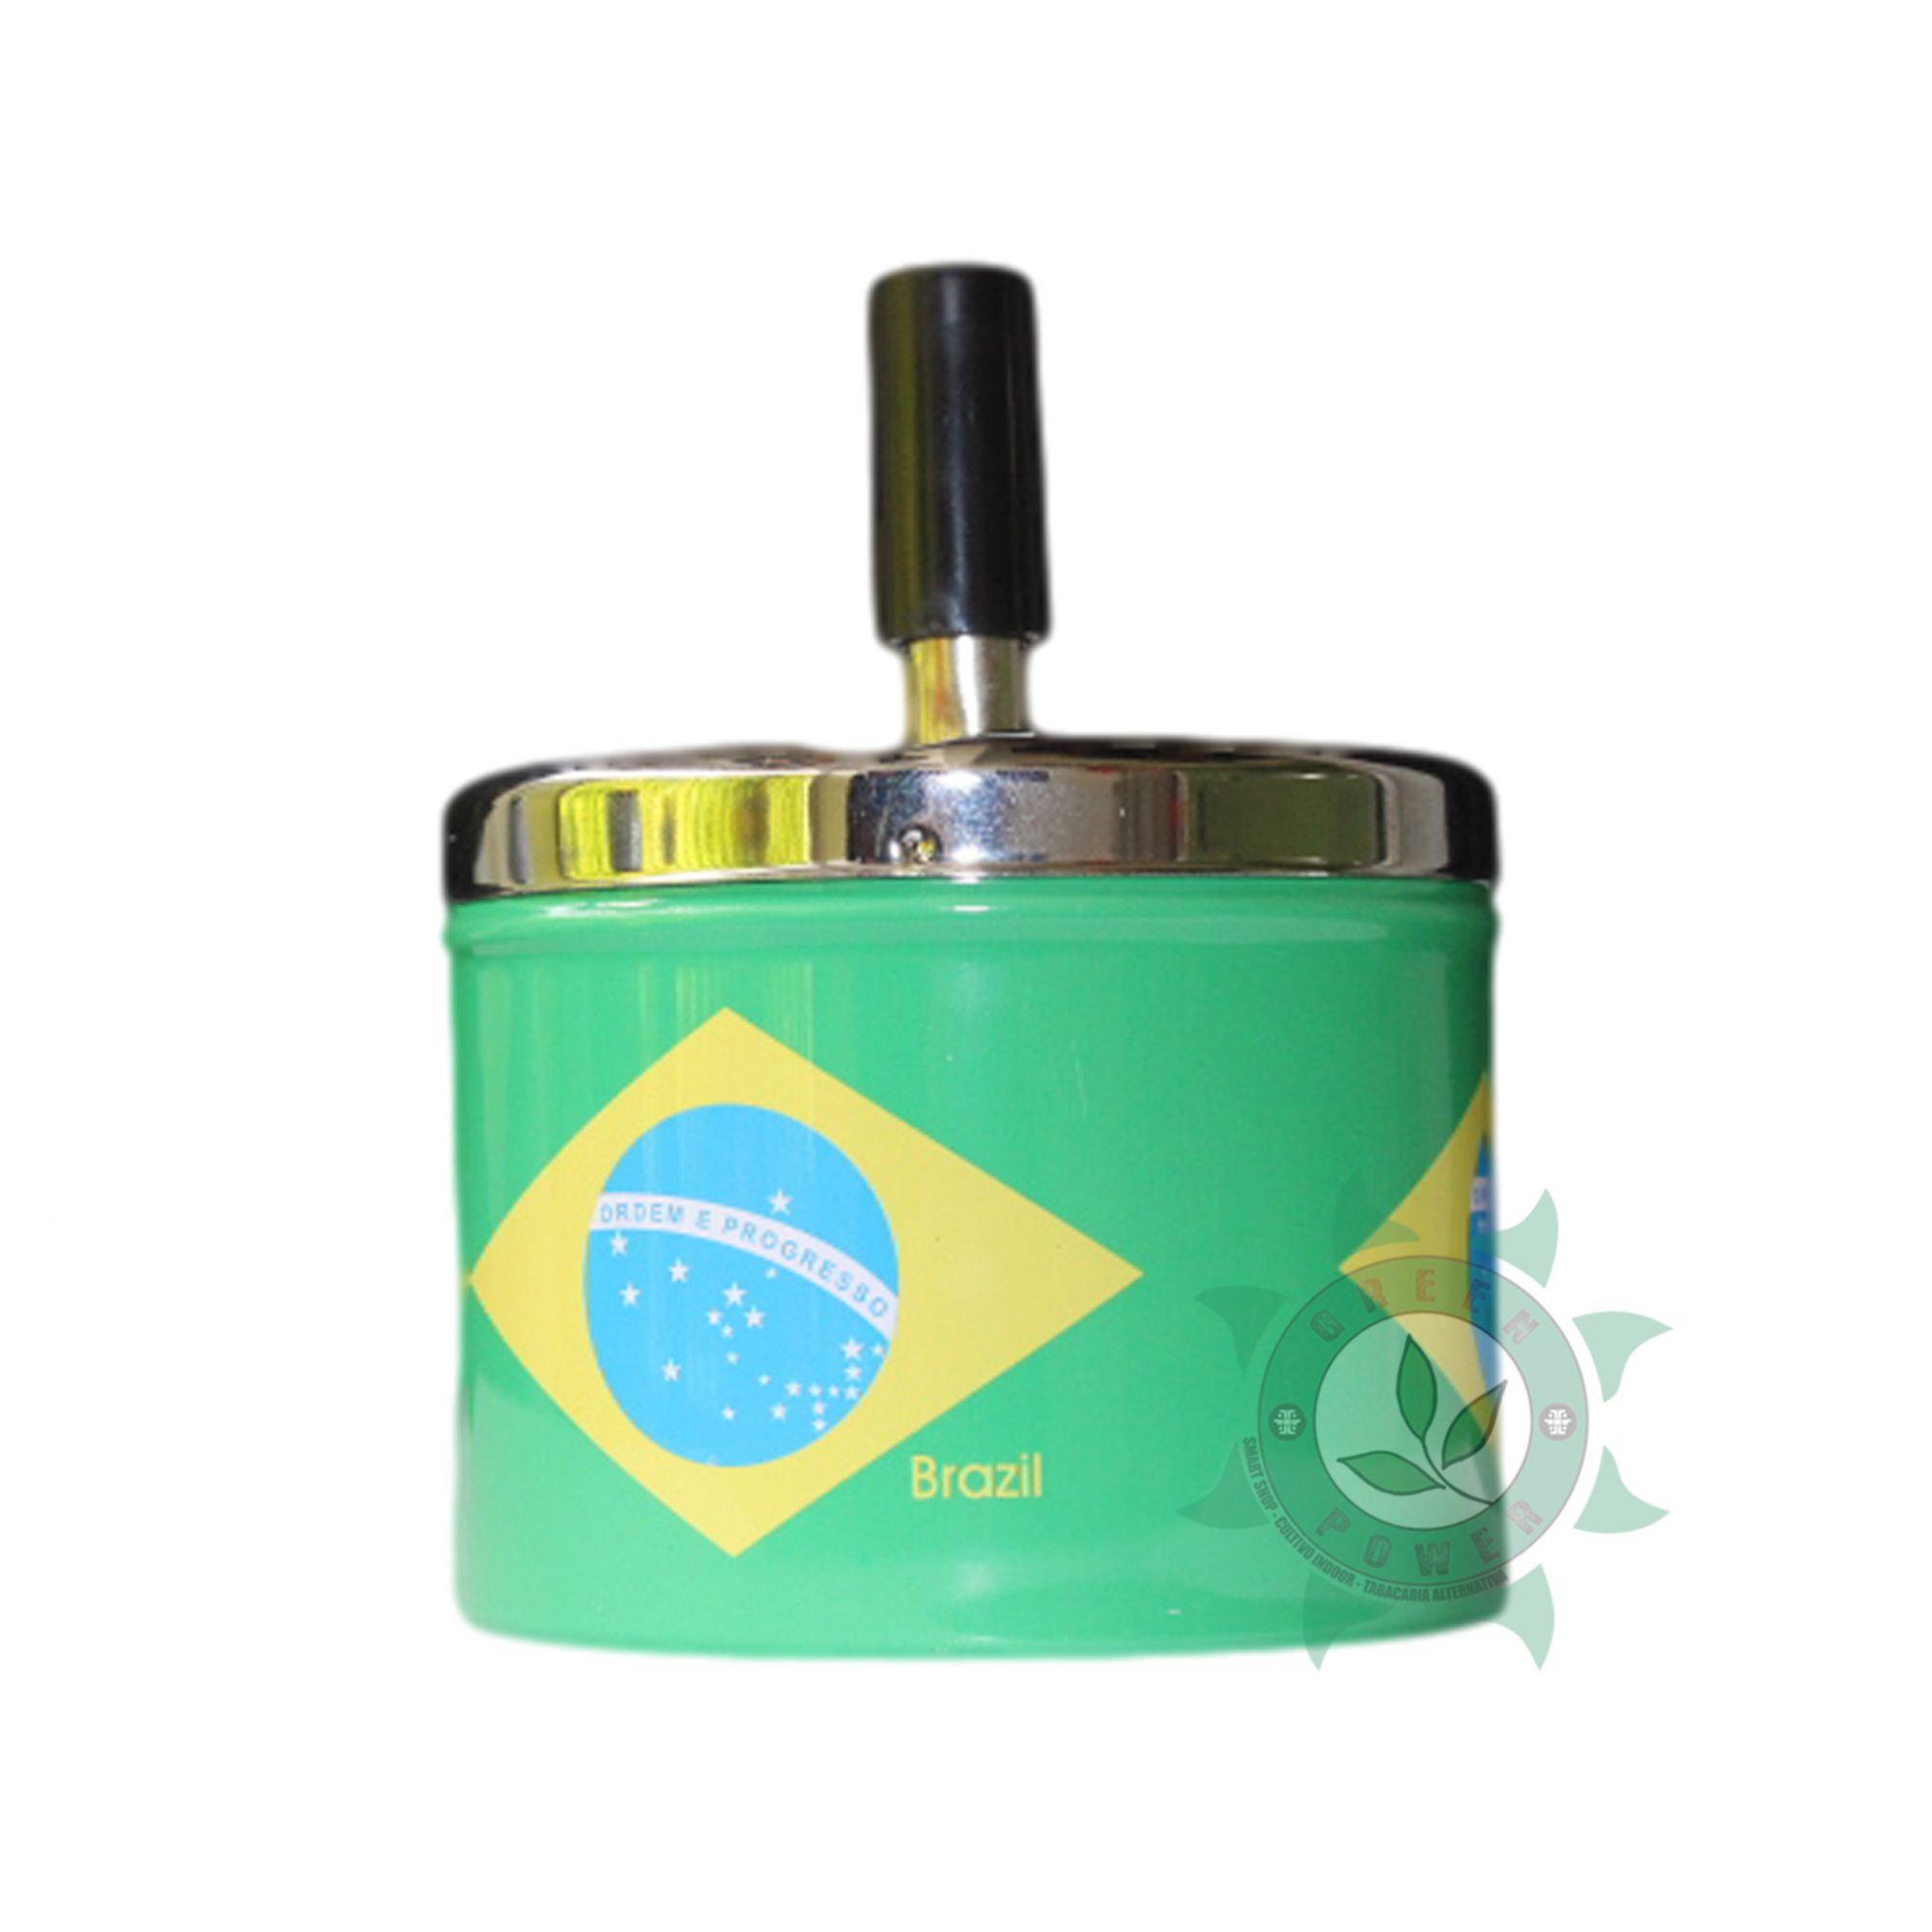 CINZEIRO DE METAL SPIN LATA BRASIL